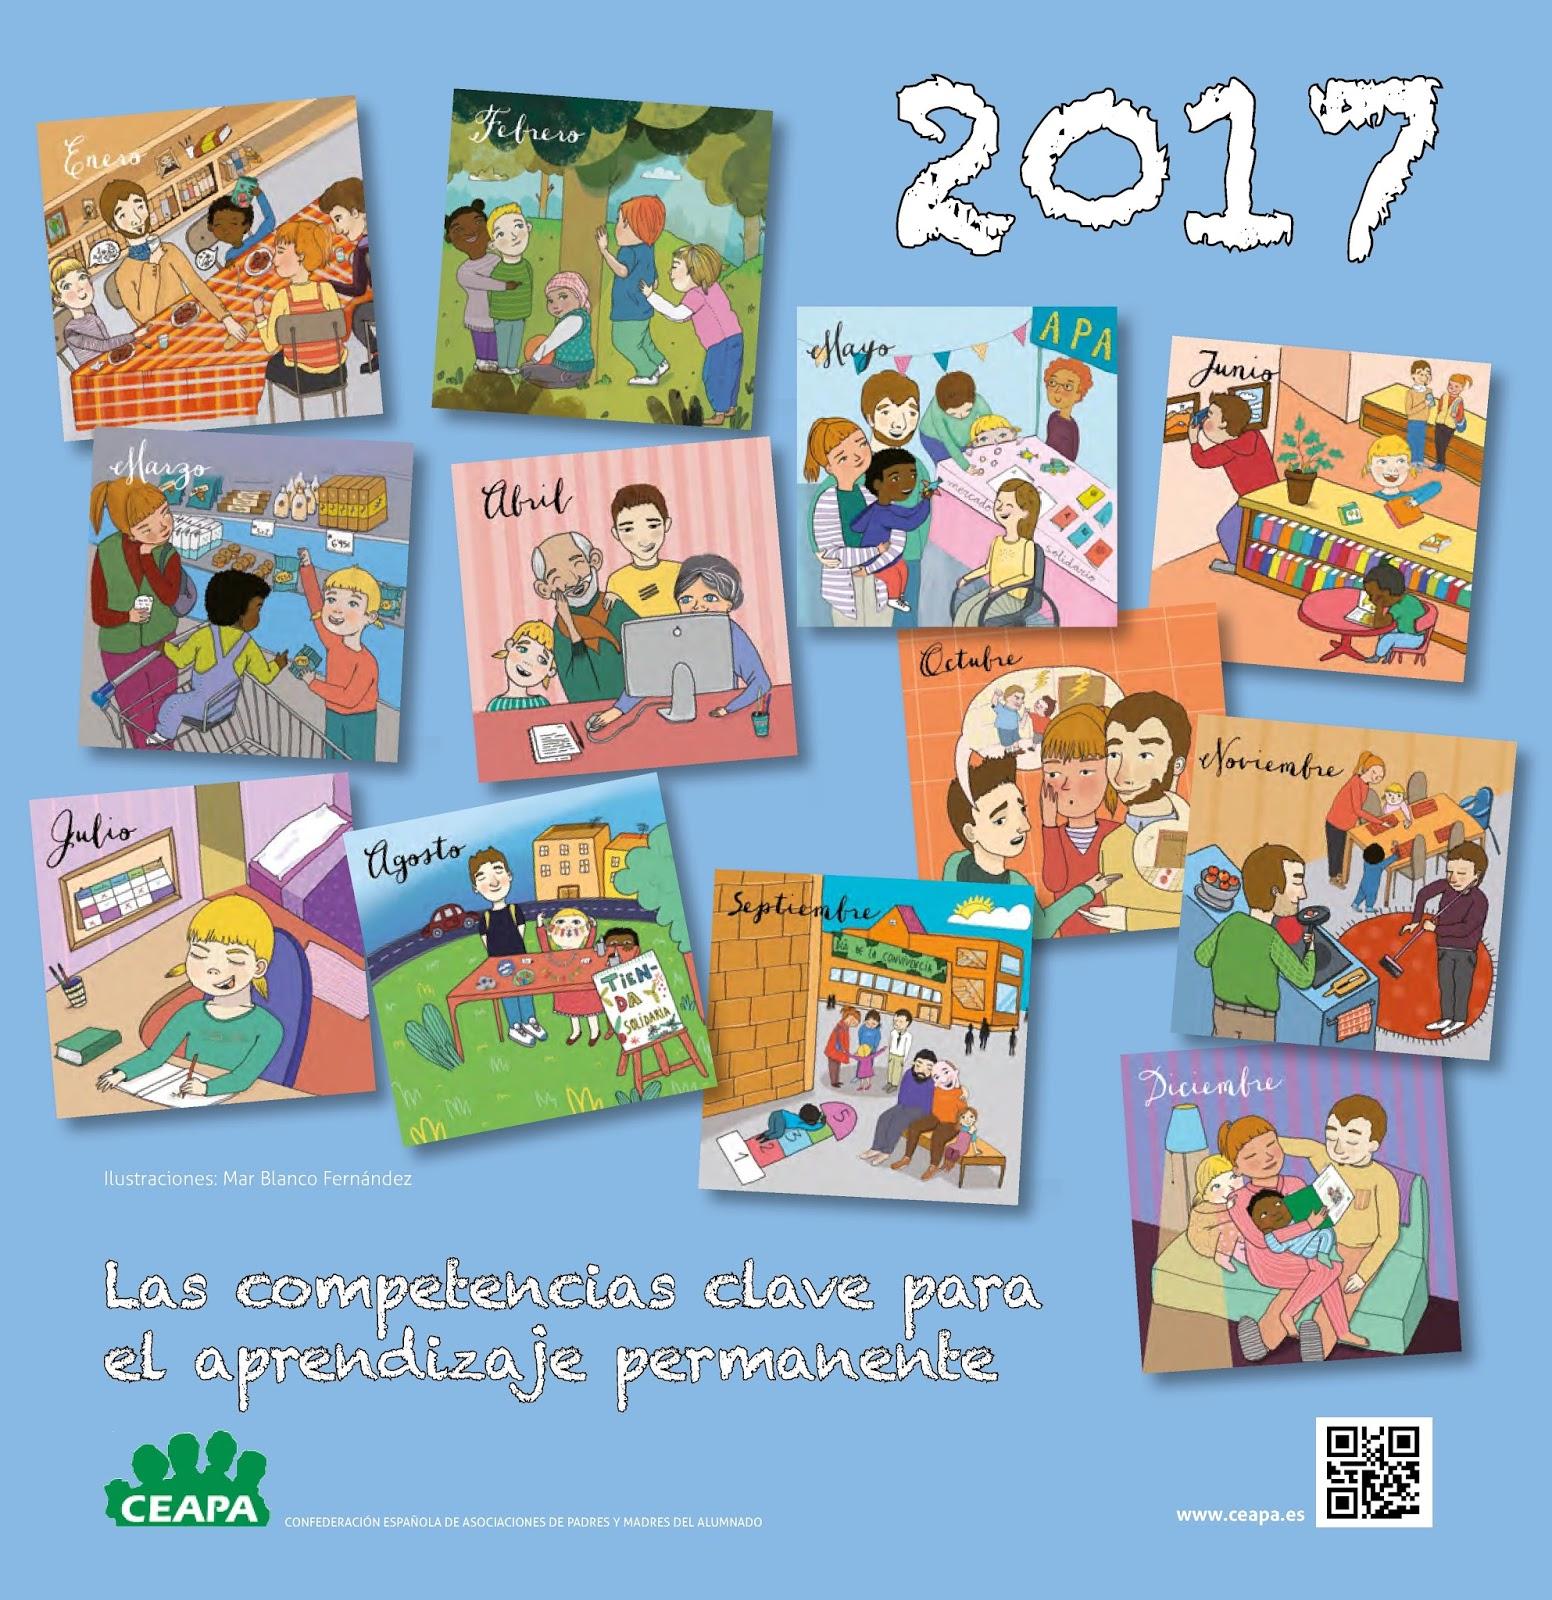 Calendario 2017 de competencias clave para el aprendizaje permanente – CEAPA